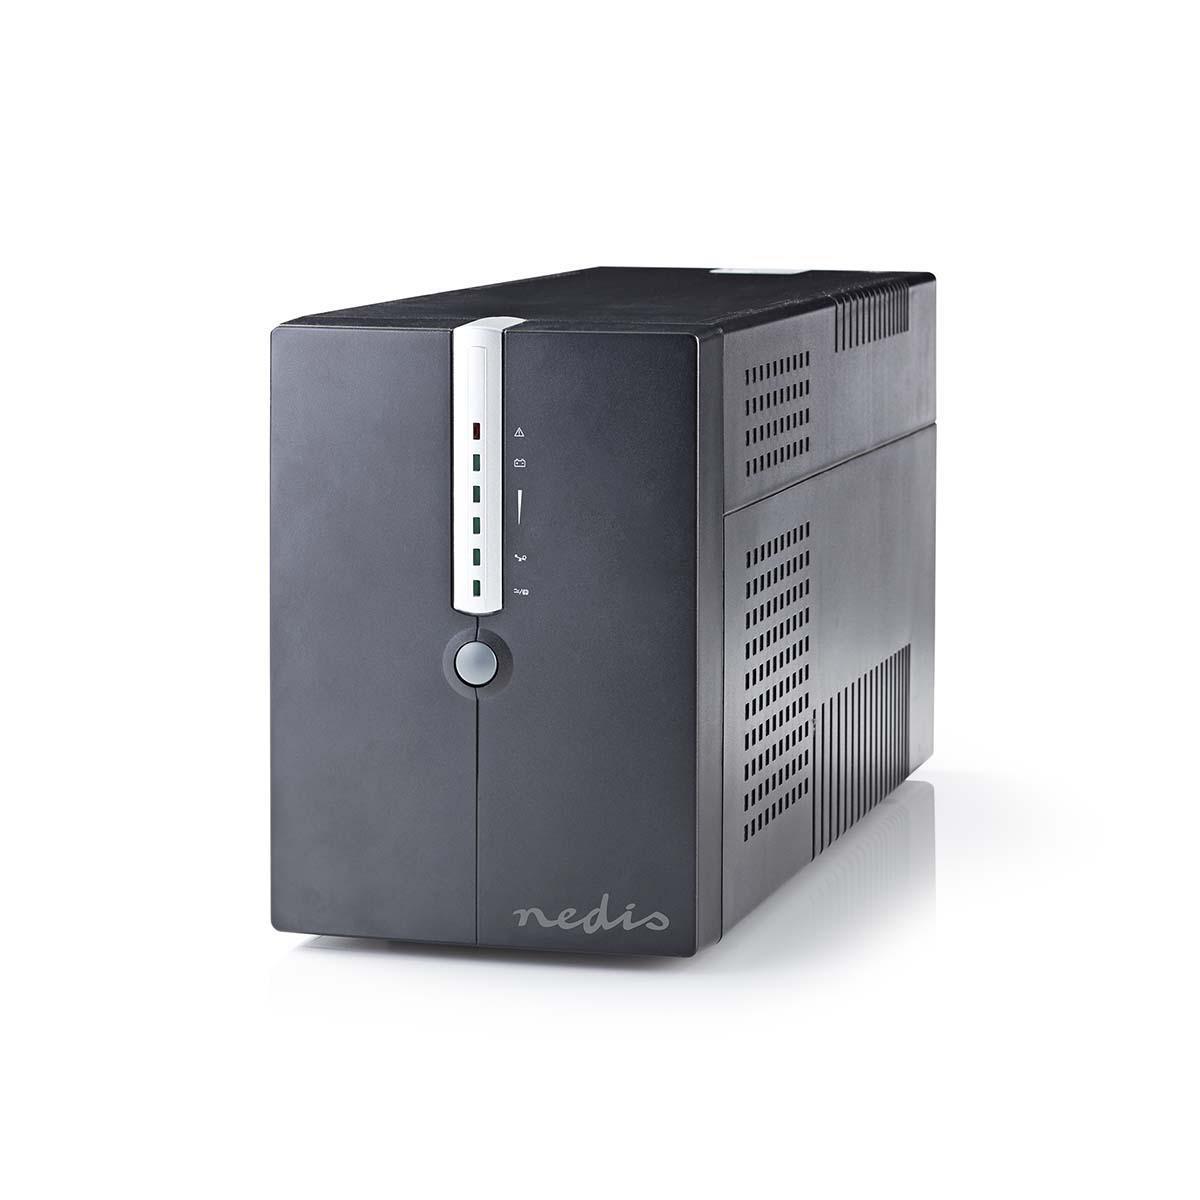 Schützen Sie Ihren wertvollen Computer und Ihre Dateien mit dieser leistungsstarken 2000-VA-USV vor Stromausfällen und Spannungsspitzen. Mit dem eingebauten Akku haben Sie 10 Minuten Zeit, um Dateien zu speichern und den Computer bei einem Stromausfall or